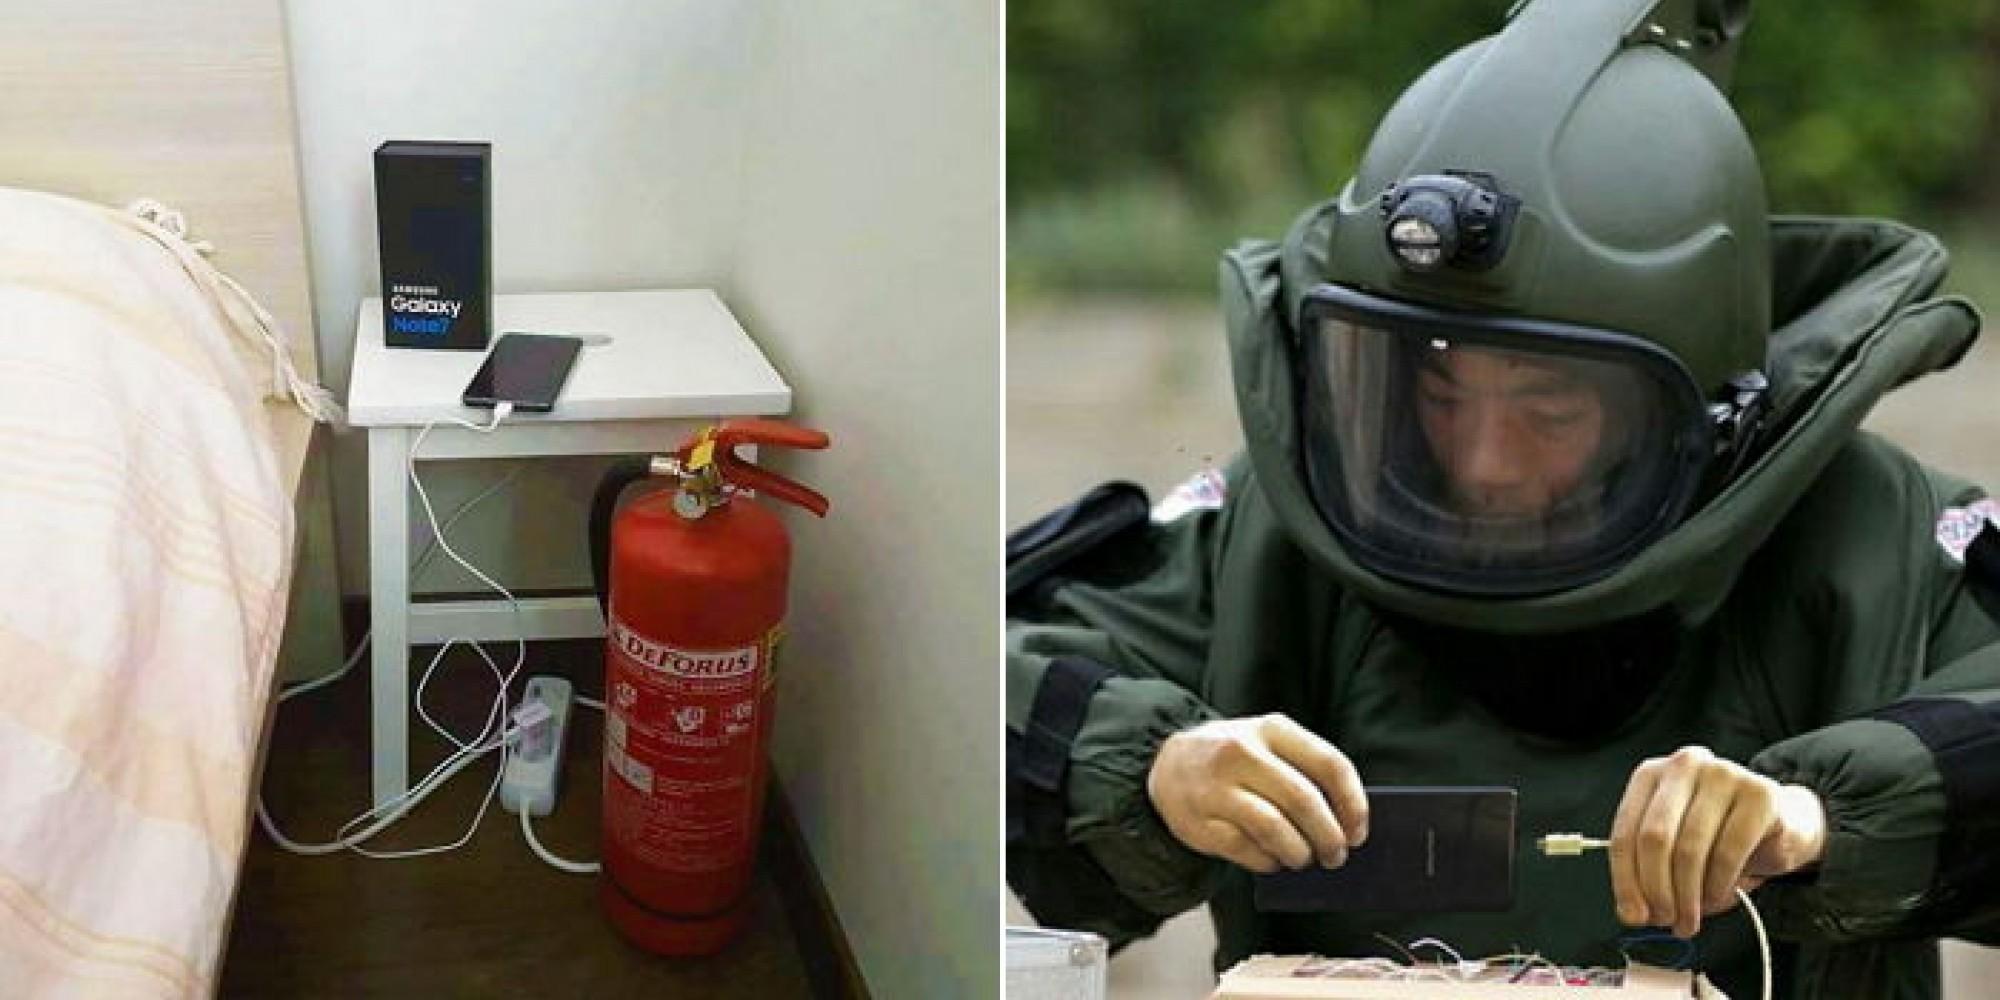 해외 누리꾼들이 만든 갤노트7 폭발 풍자 사진 10장 - 인사이트